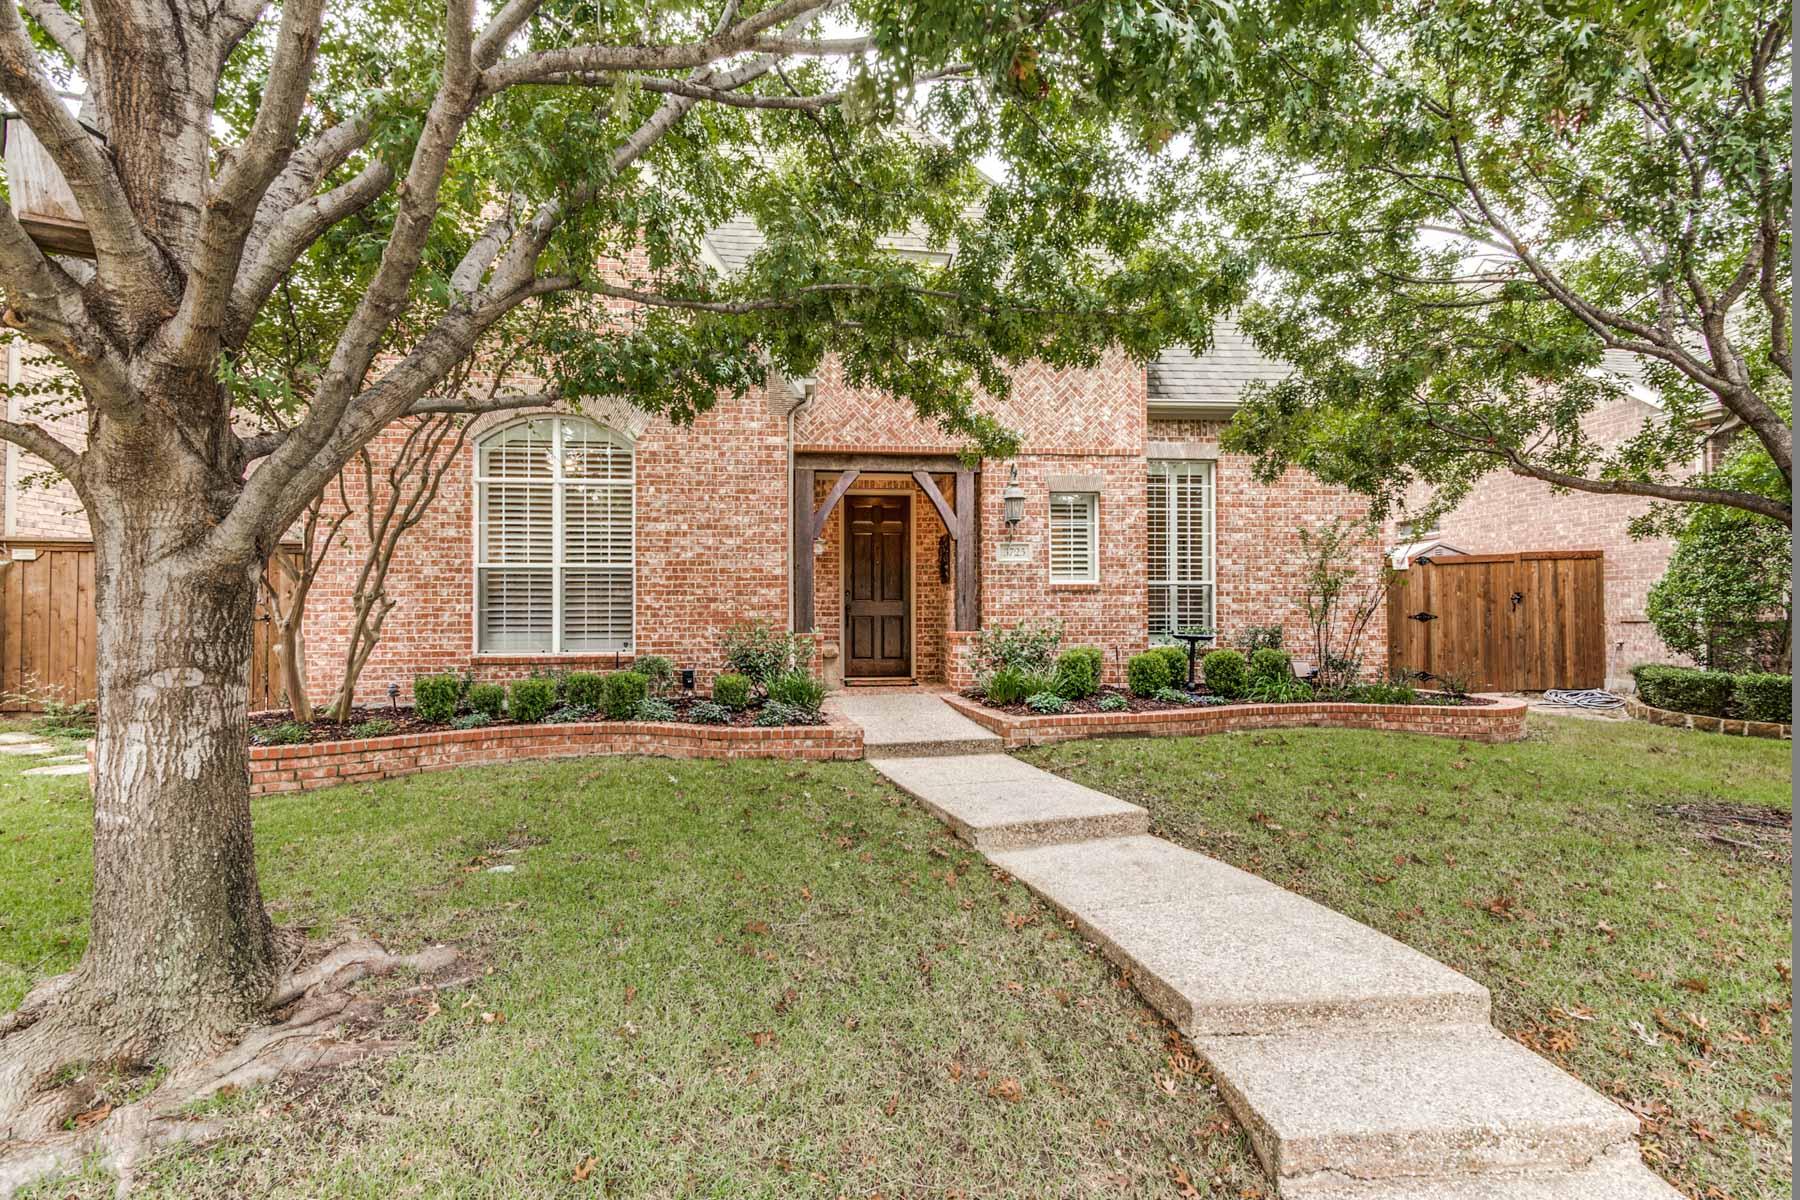 Einfamilienhaus für Verkauf beim Stewar Creek, Frisco: Traditiona, 1 Story 3725 Navarro Way Frisco, Texas, 75034 Vereinigte Staaten